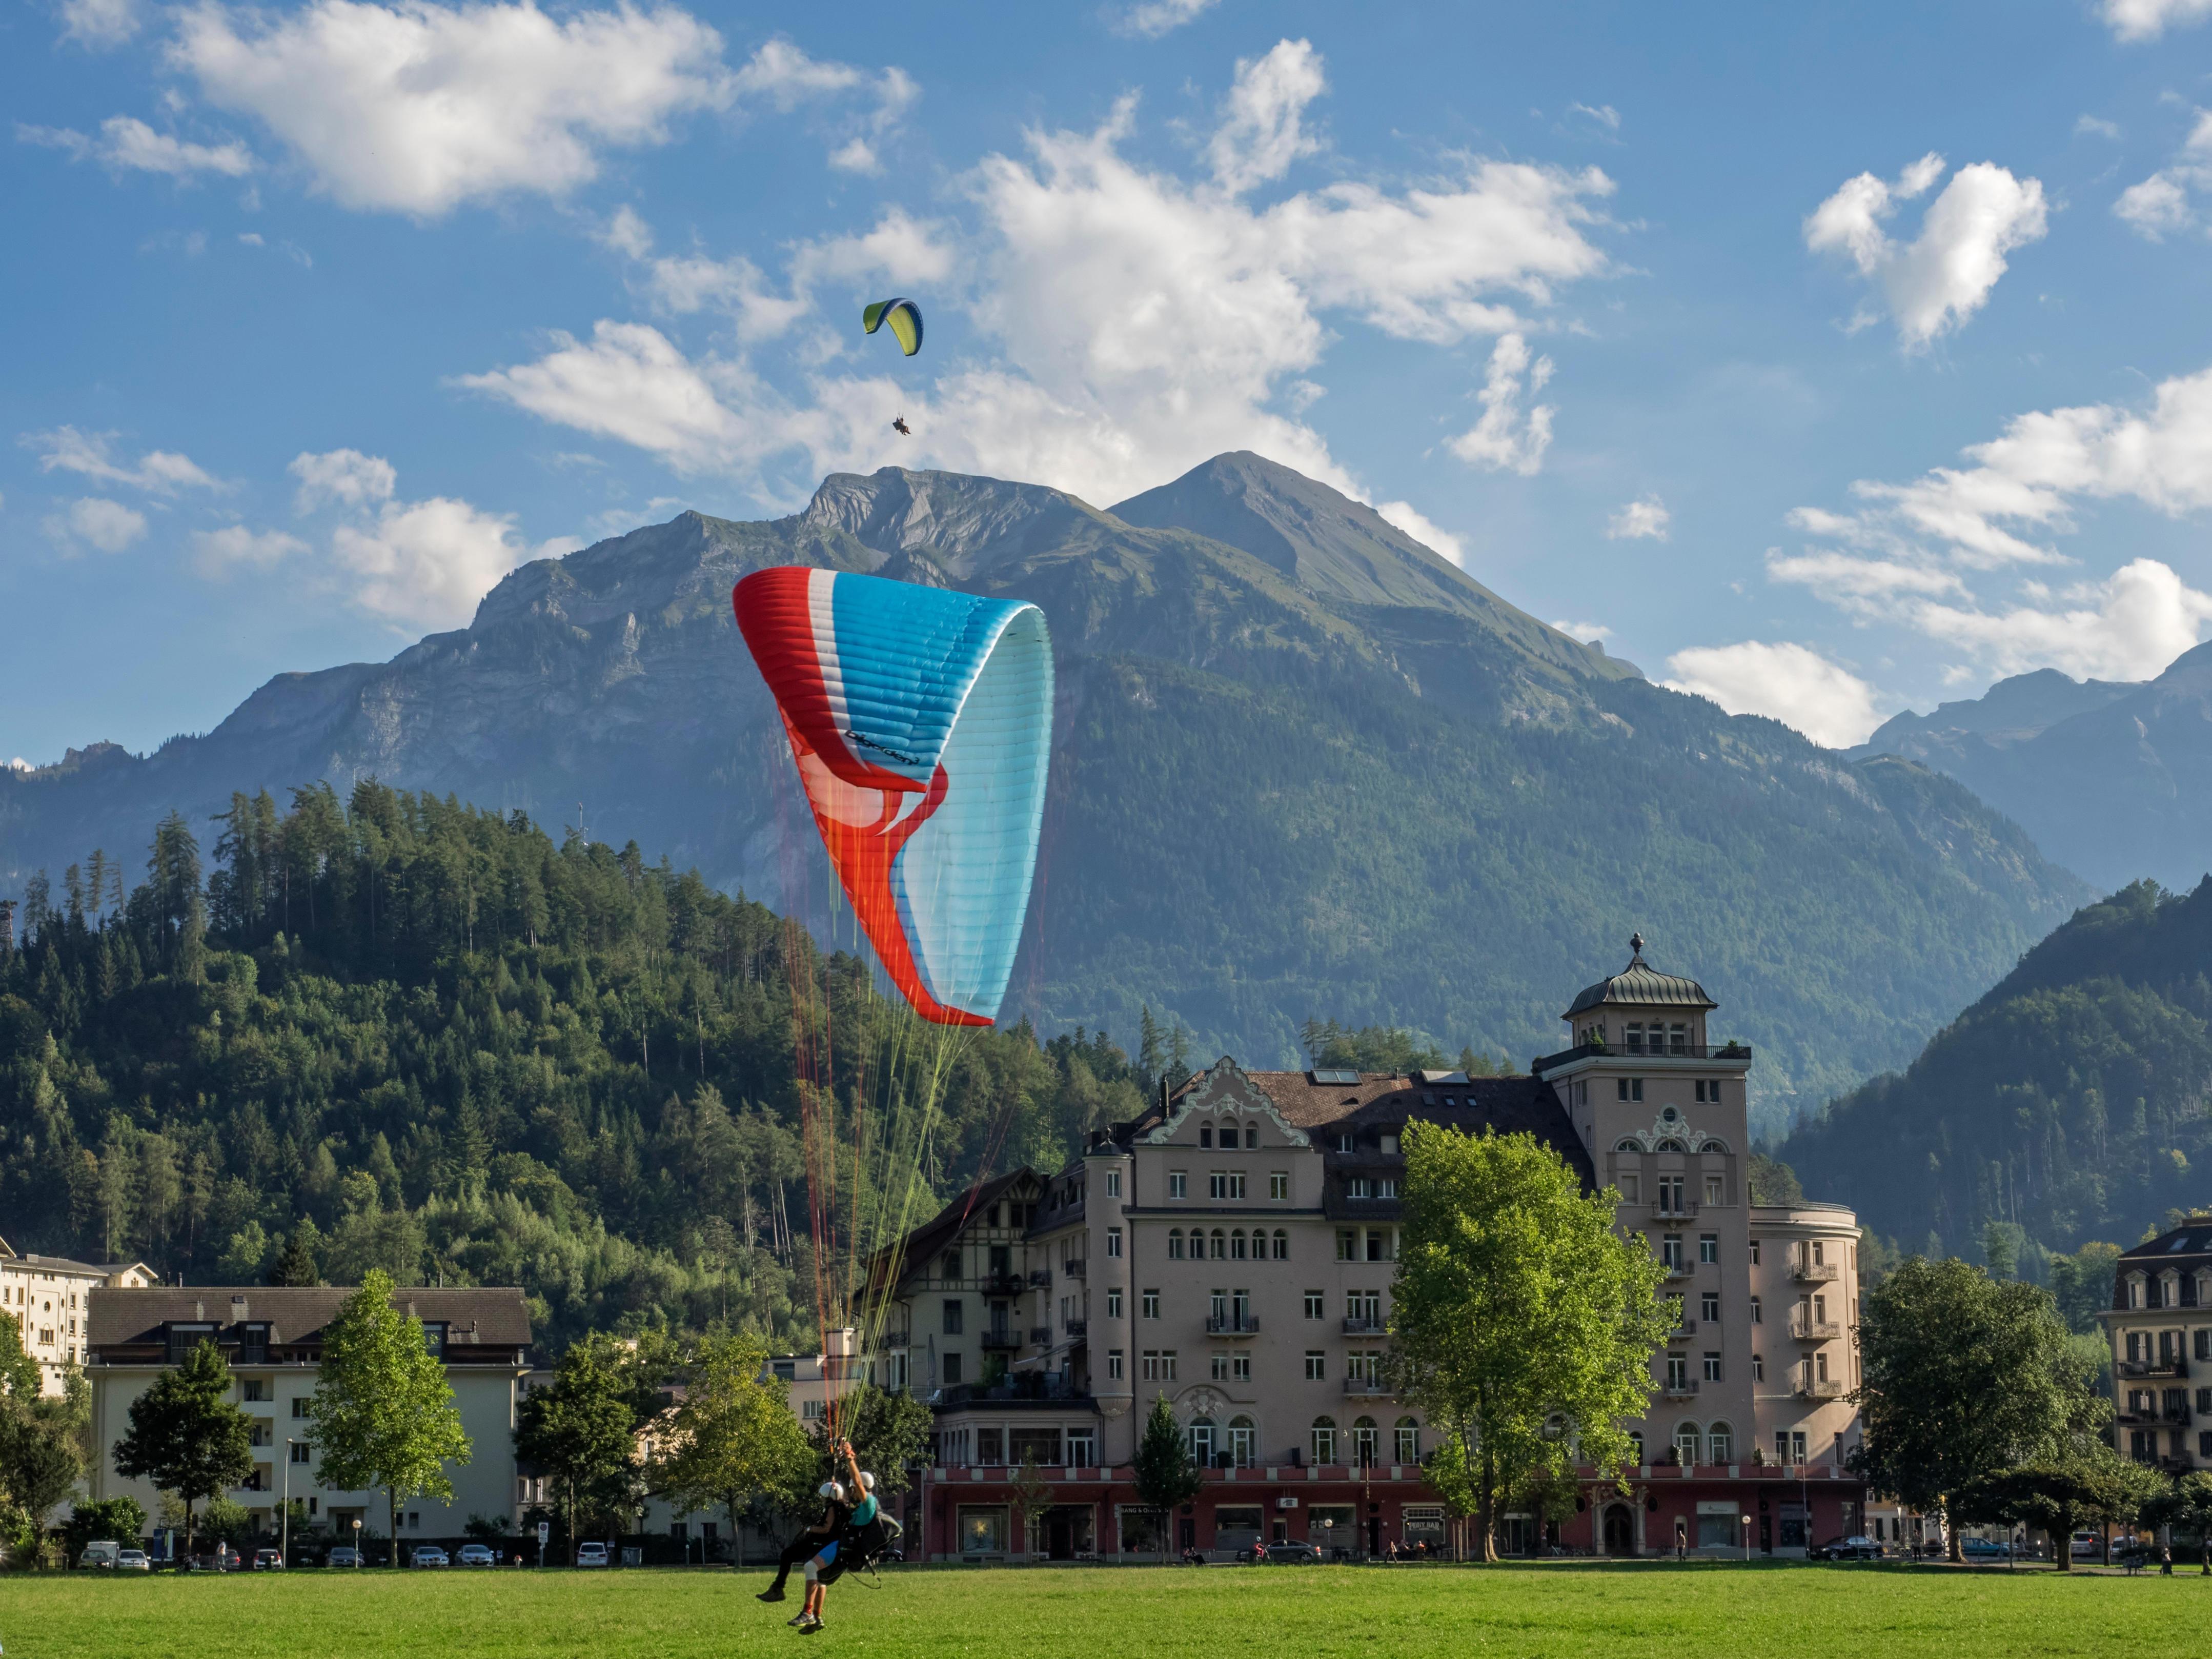 Switzerland, Bern Canton, Interlaken, Paragliders, landing at Hohematte park